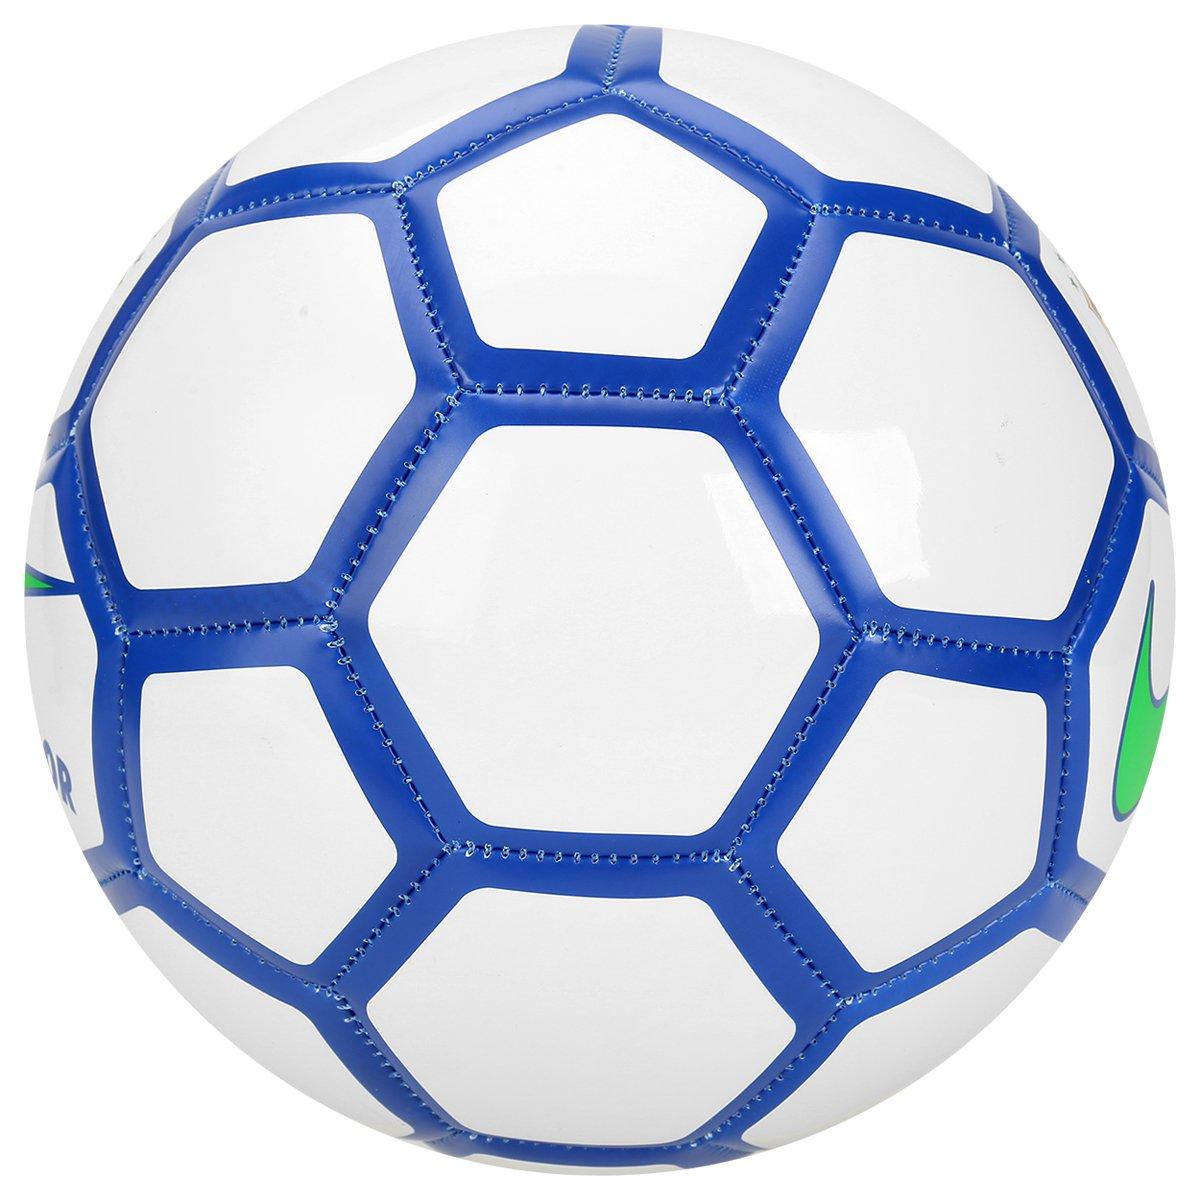 0781e982a7 Bola Futsal Nike Menor CBF - Compre Agora